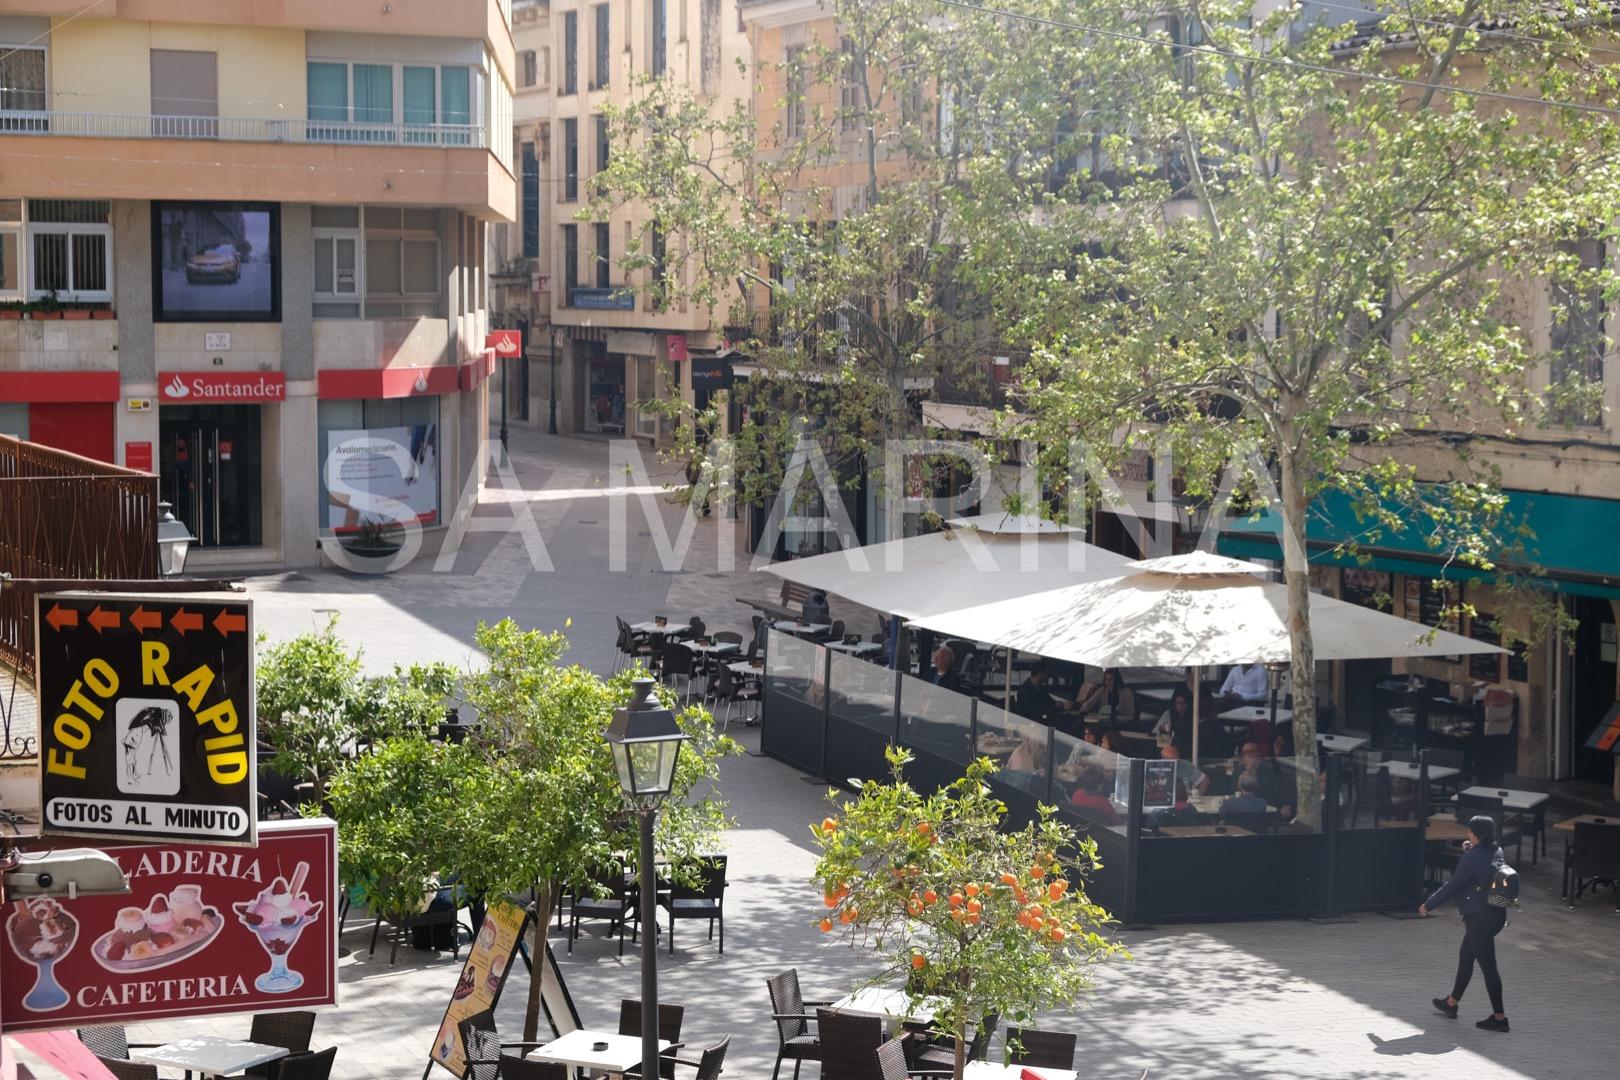 Rental Flat  Plaza sa bassa. Amplio y luminoso piso en el centro de Manacor.